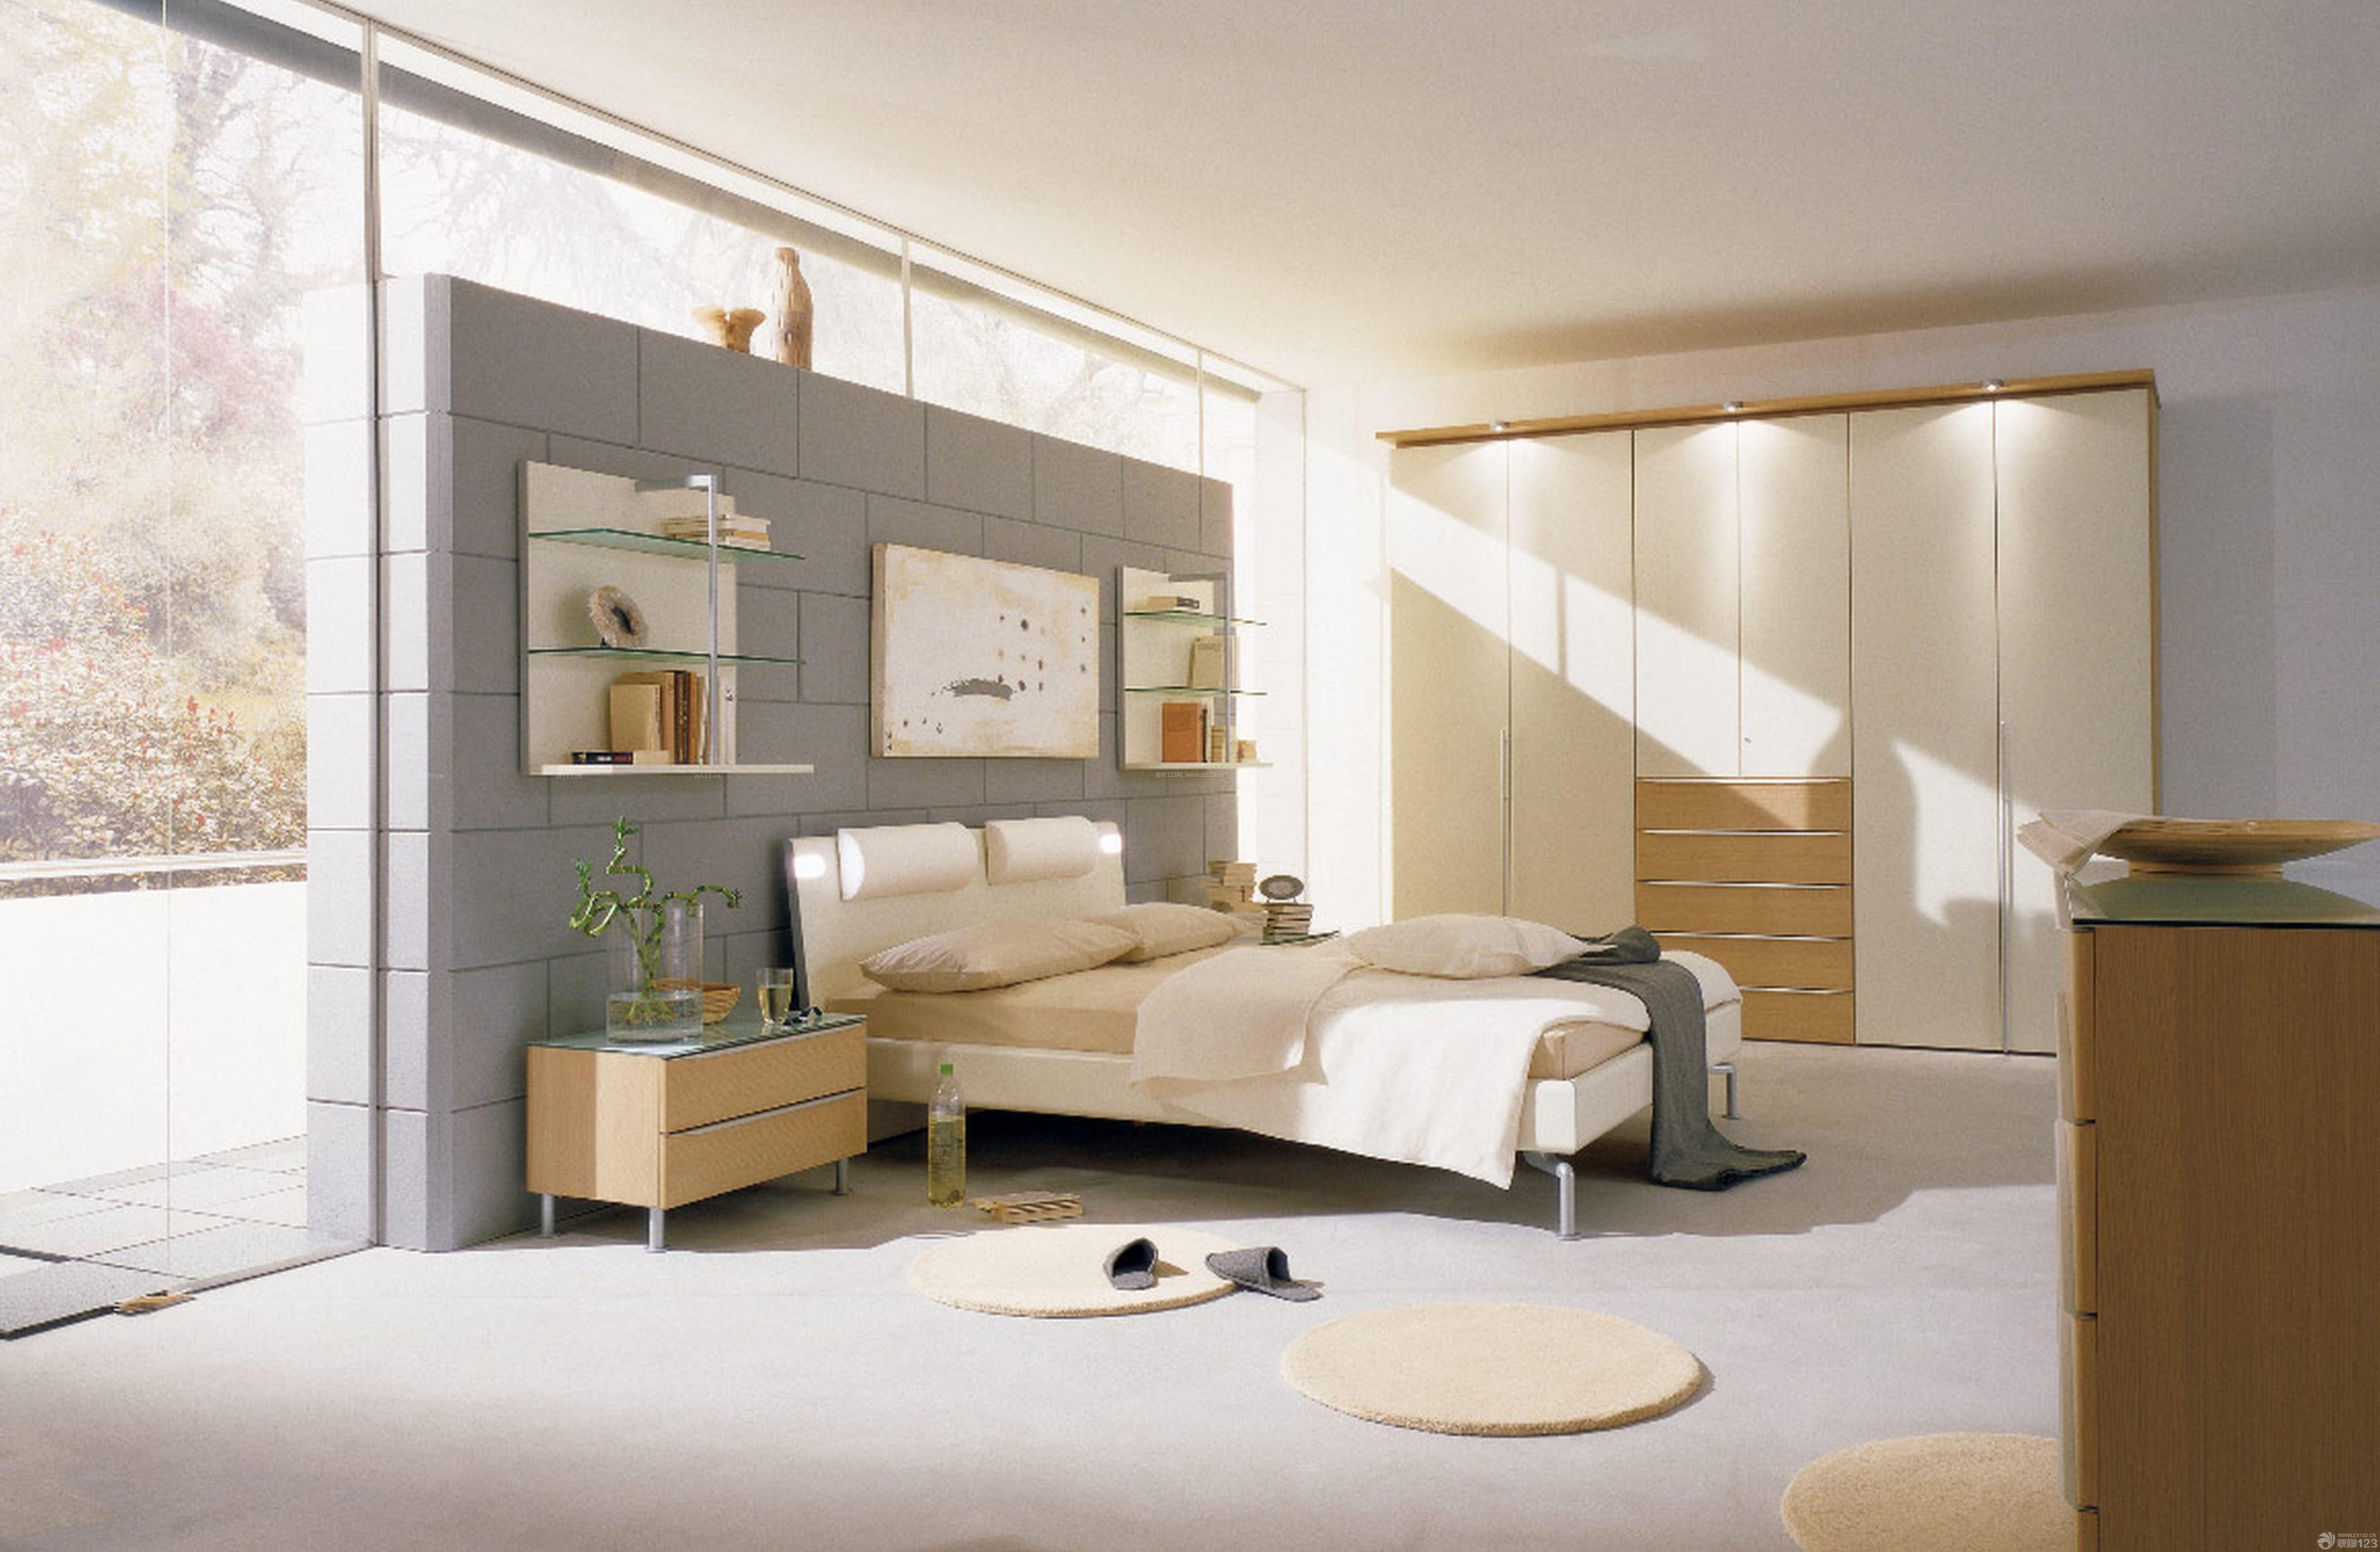 120平米简约时尚卧室装修效果图8万欣赏